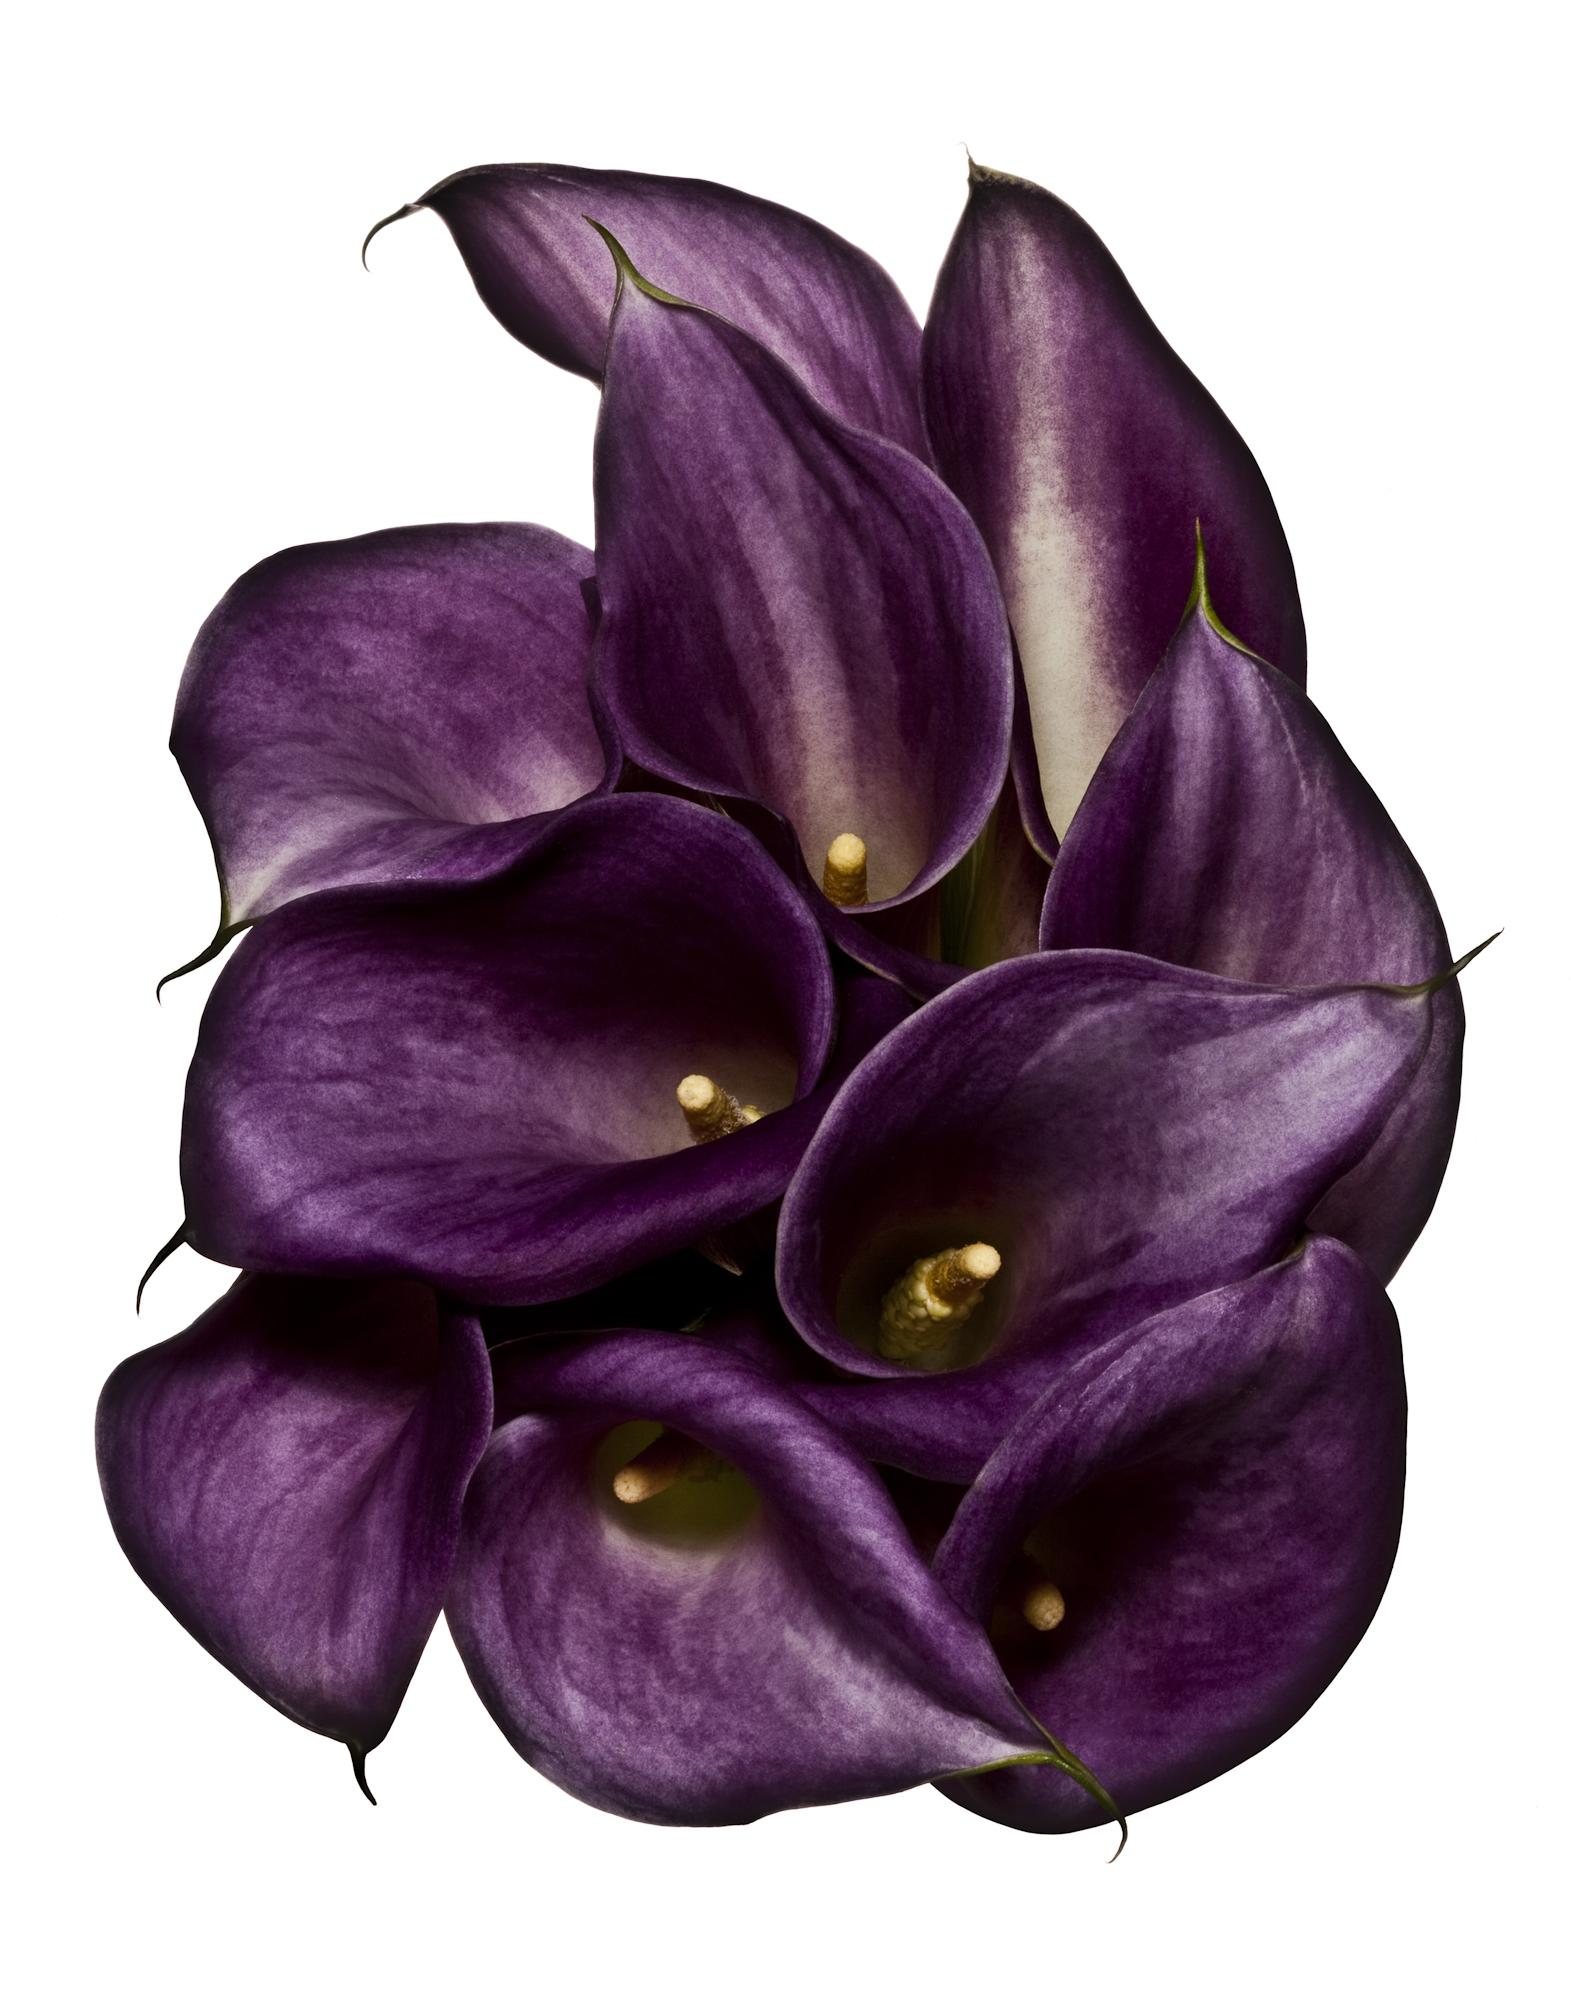 FLOWERS-616-Edit-3.jpg